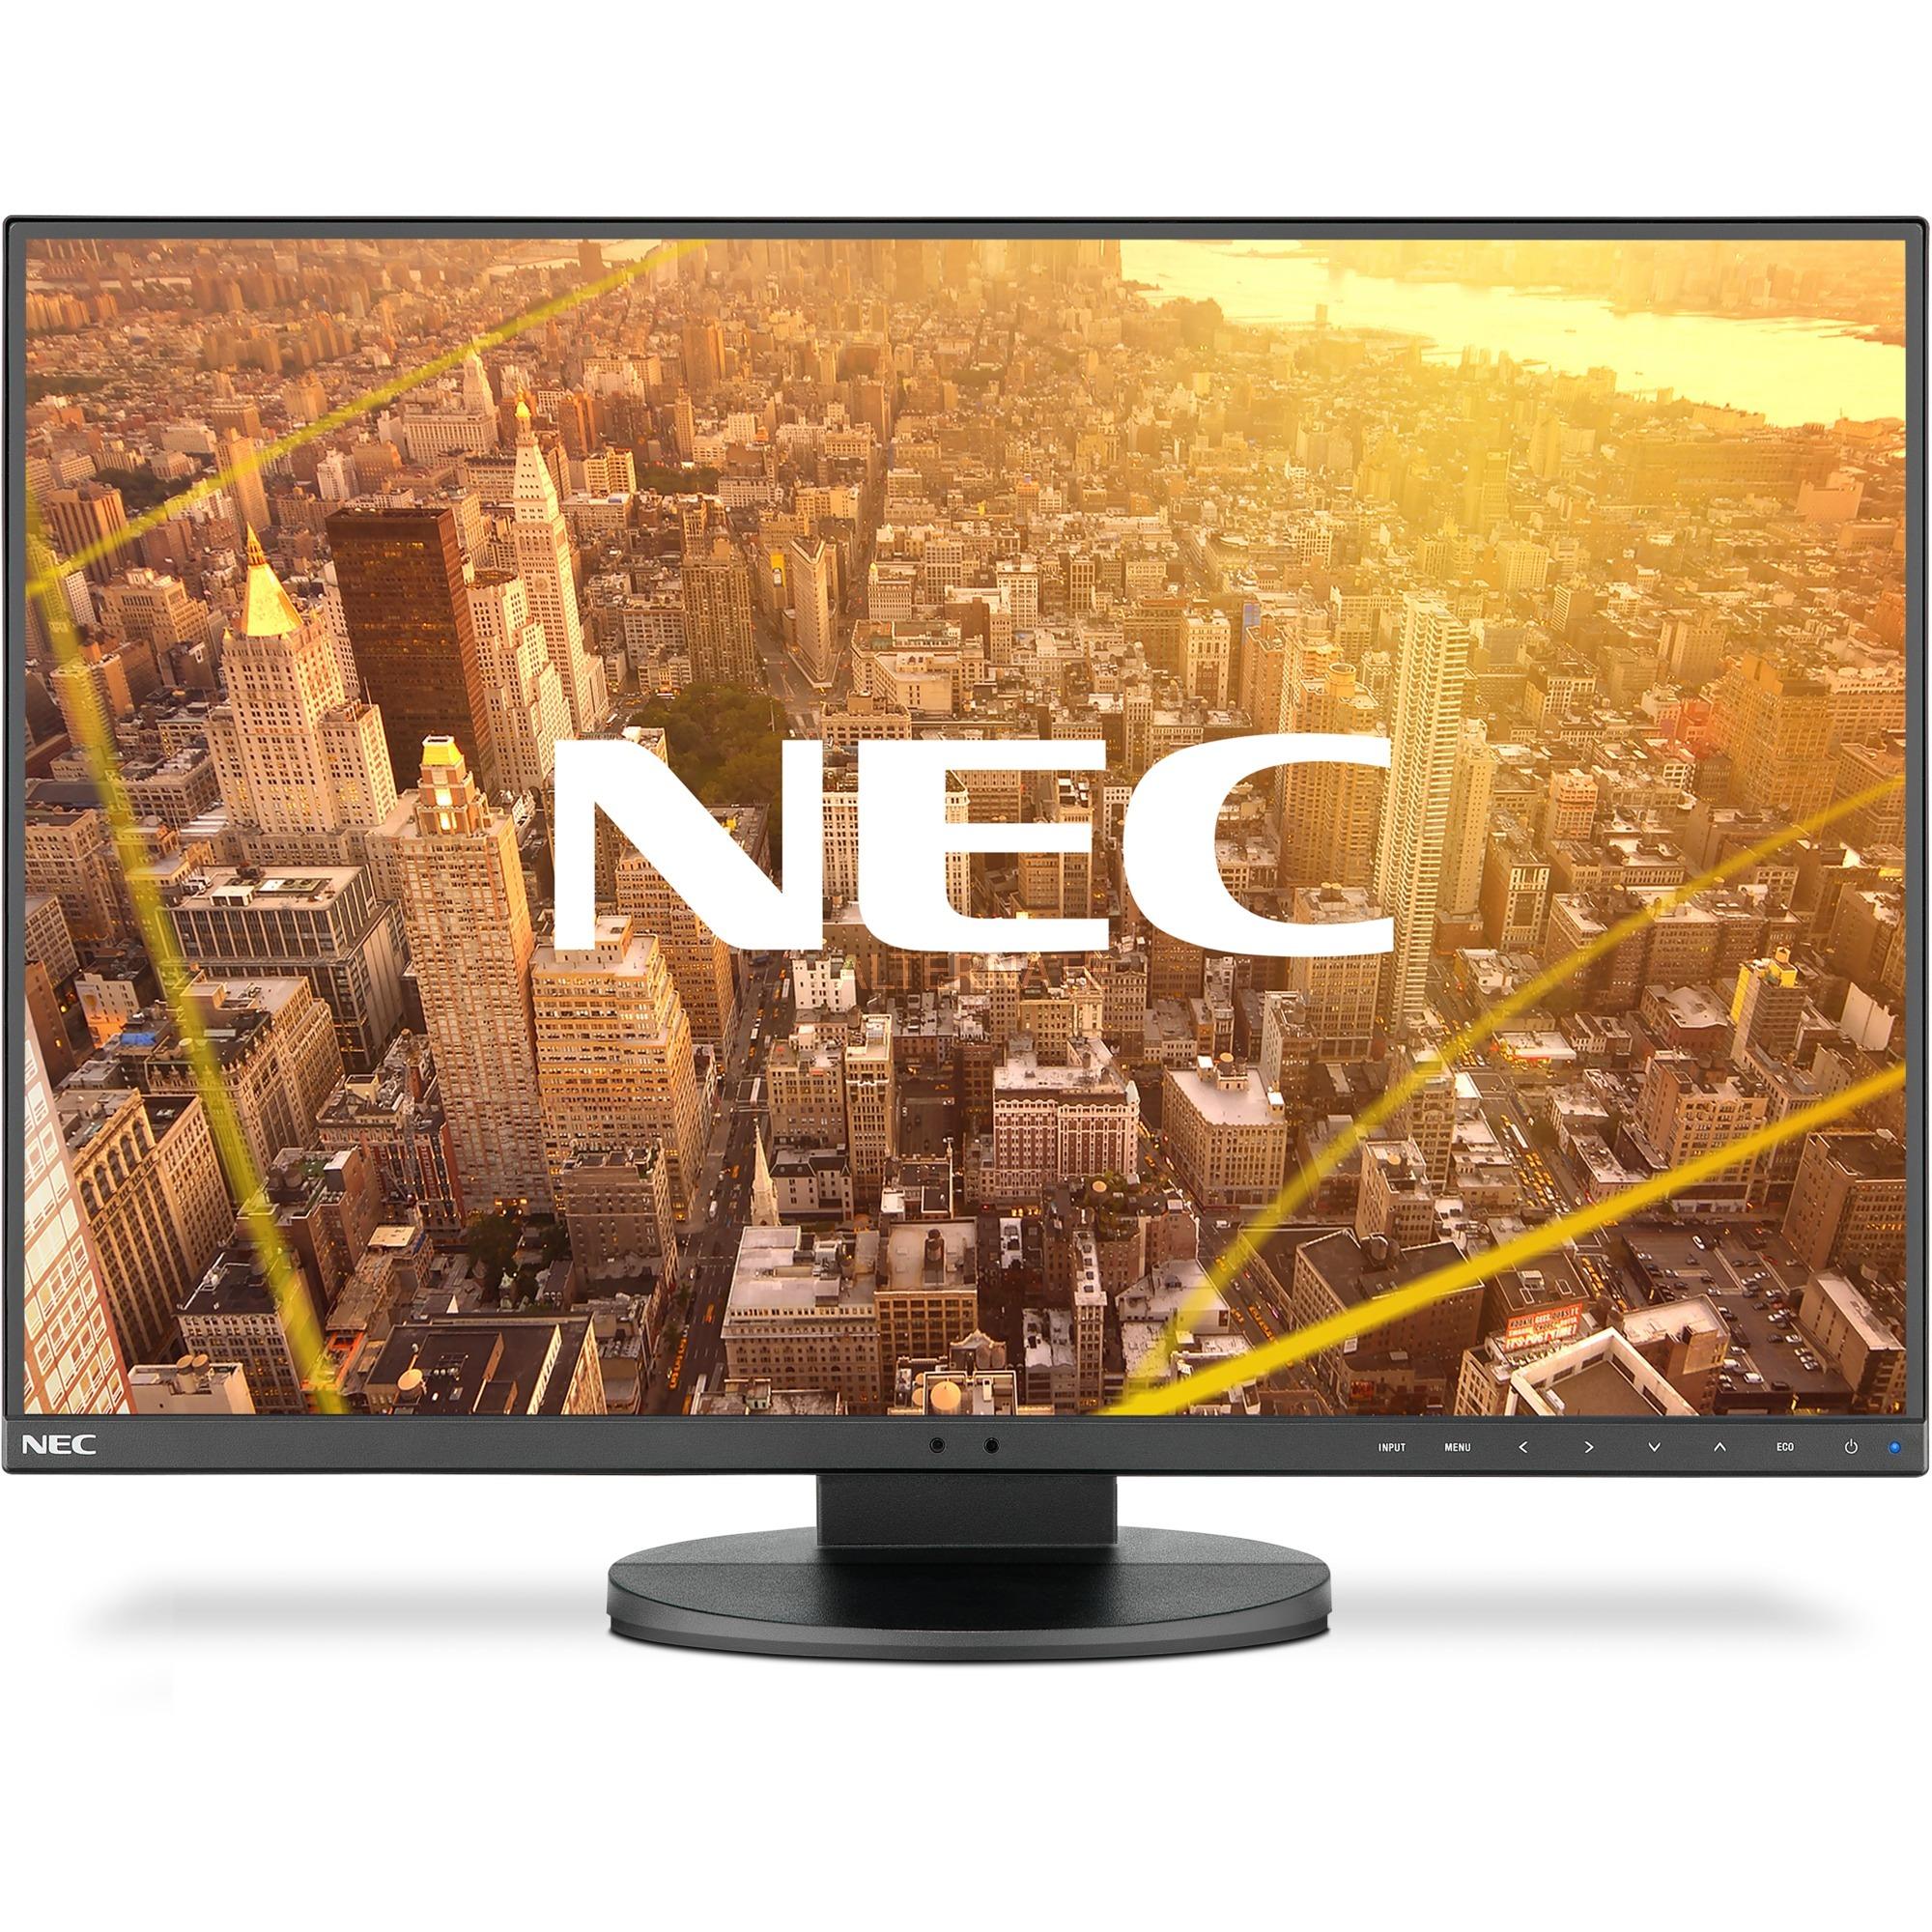 """MultiSync EA231WU-BK LED display 57,1 cm (22.5"""") WUXGA Plana Negro, Monitor LED"""